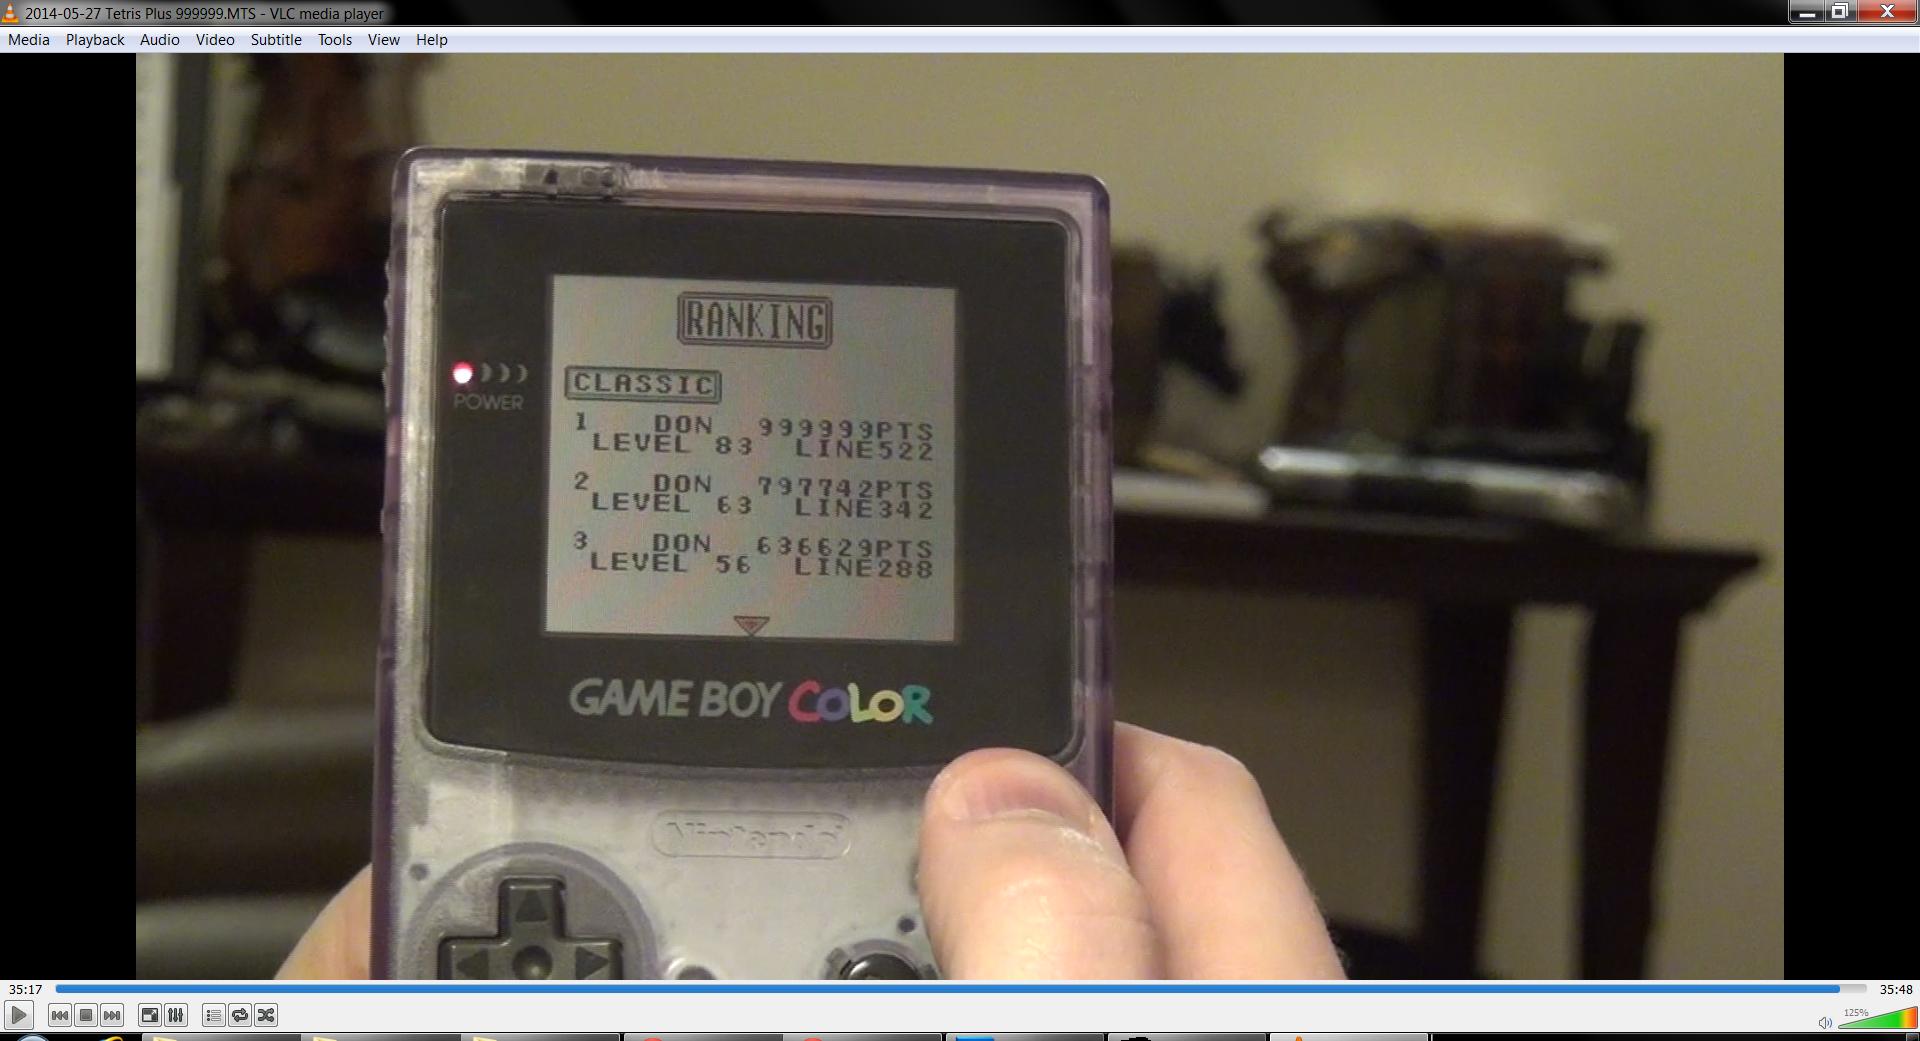 DonAtreides: Tetris Plus - Classic (Game Boy) 999,999 points on 2016-01-01 17:16:00